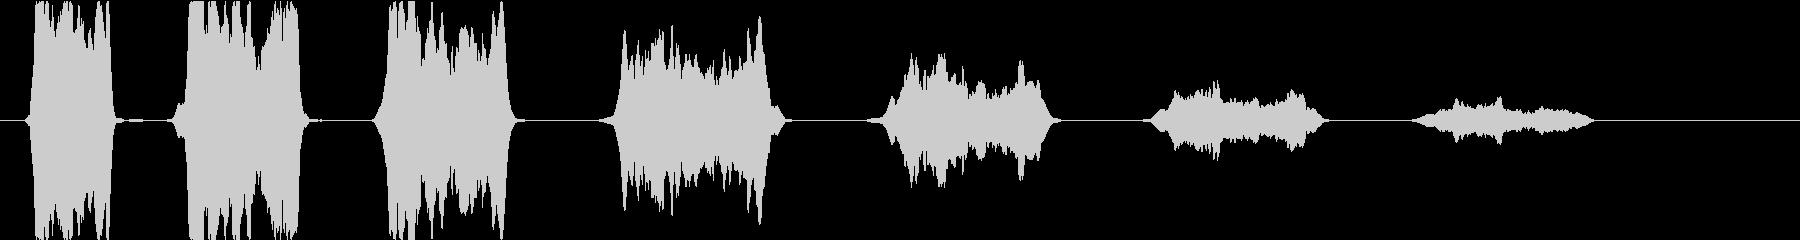 ゲームオーバー:減少していく失敗の音2の未再生の波形